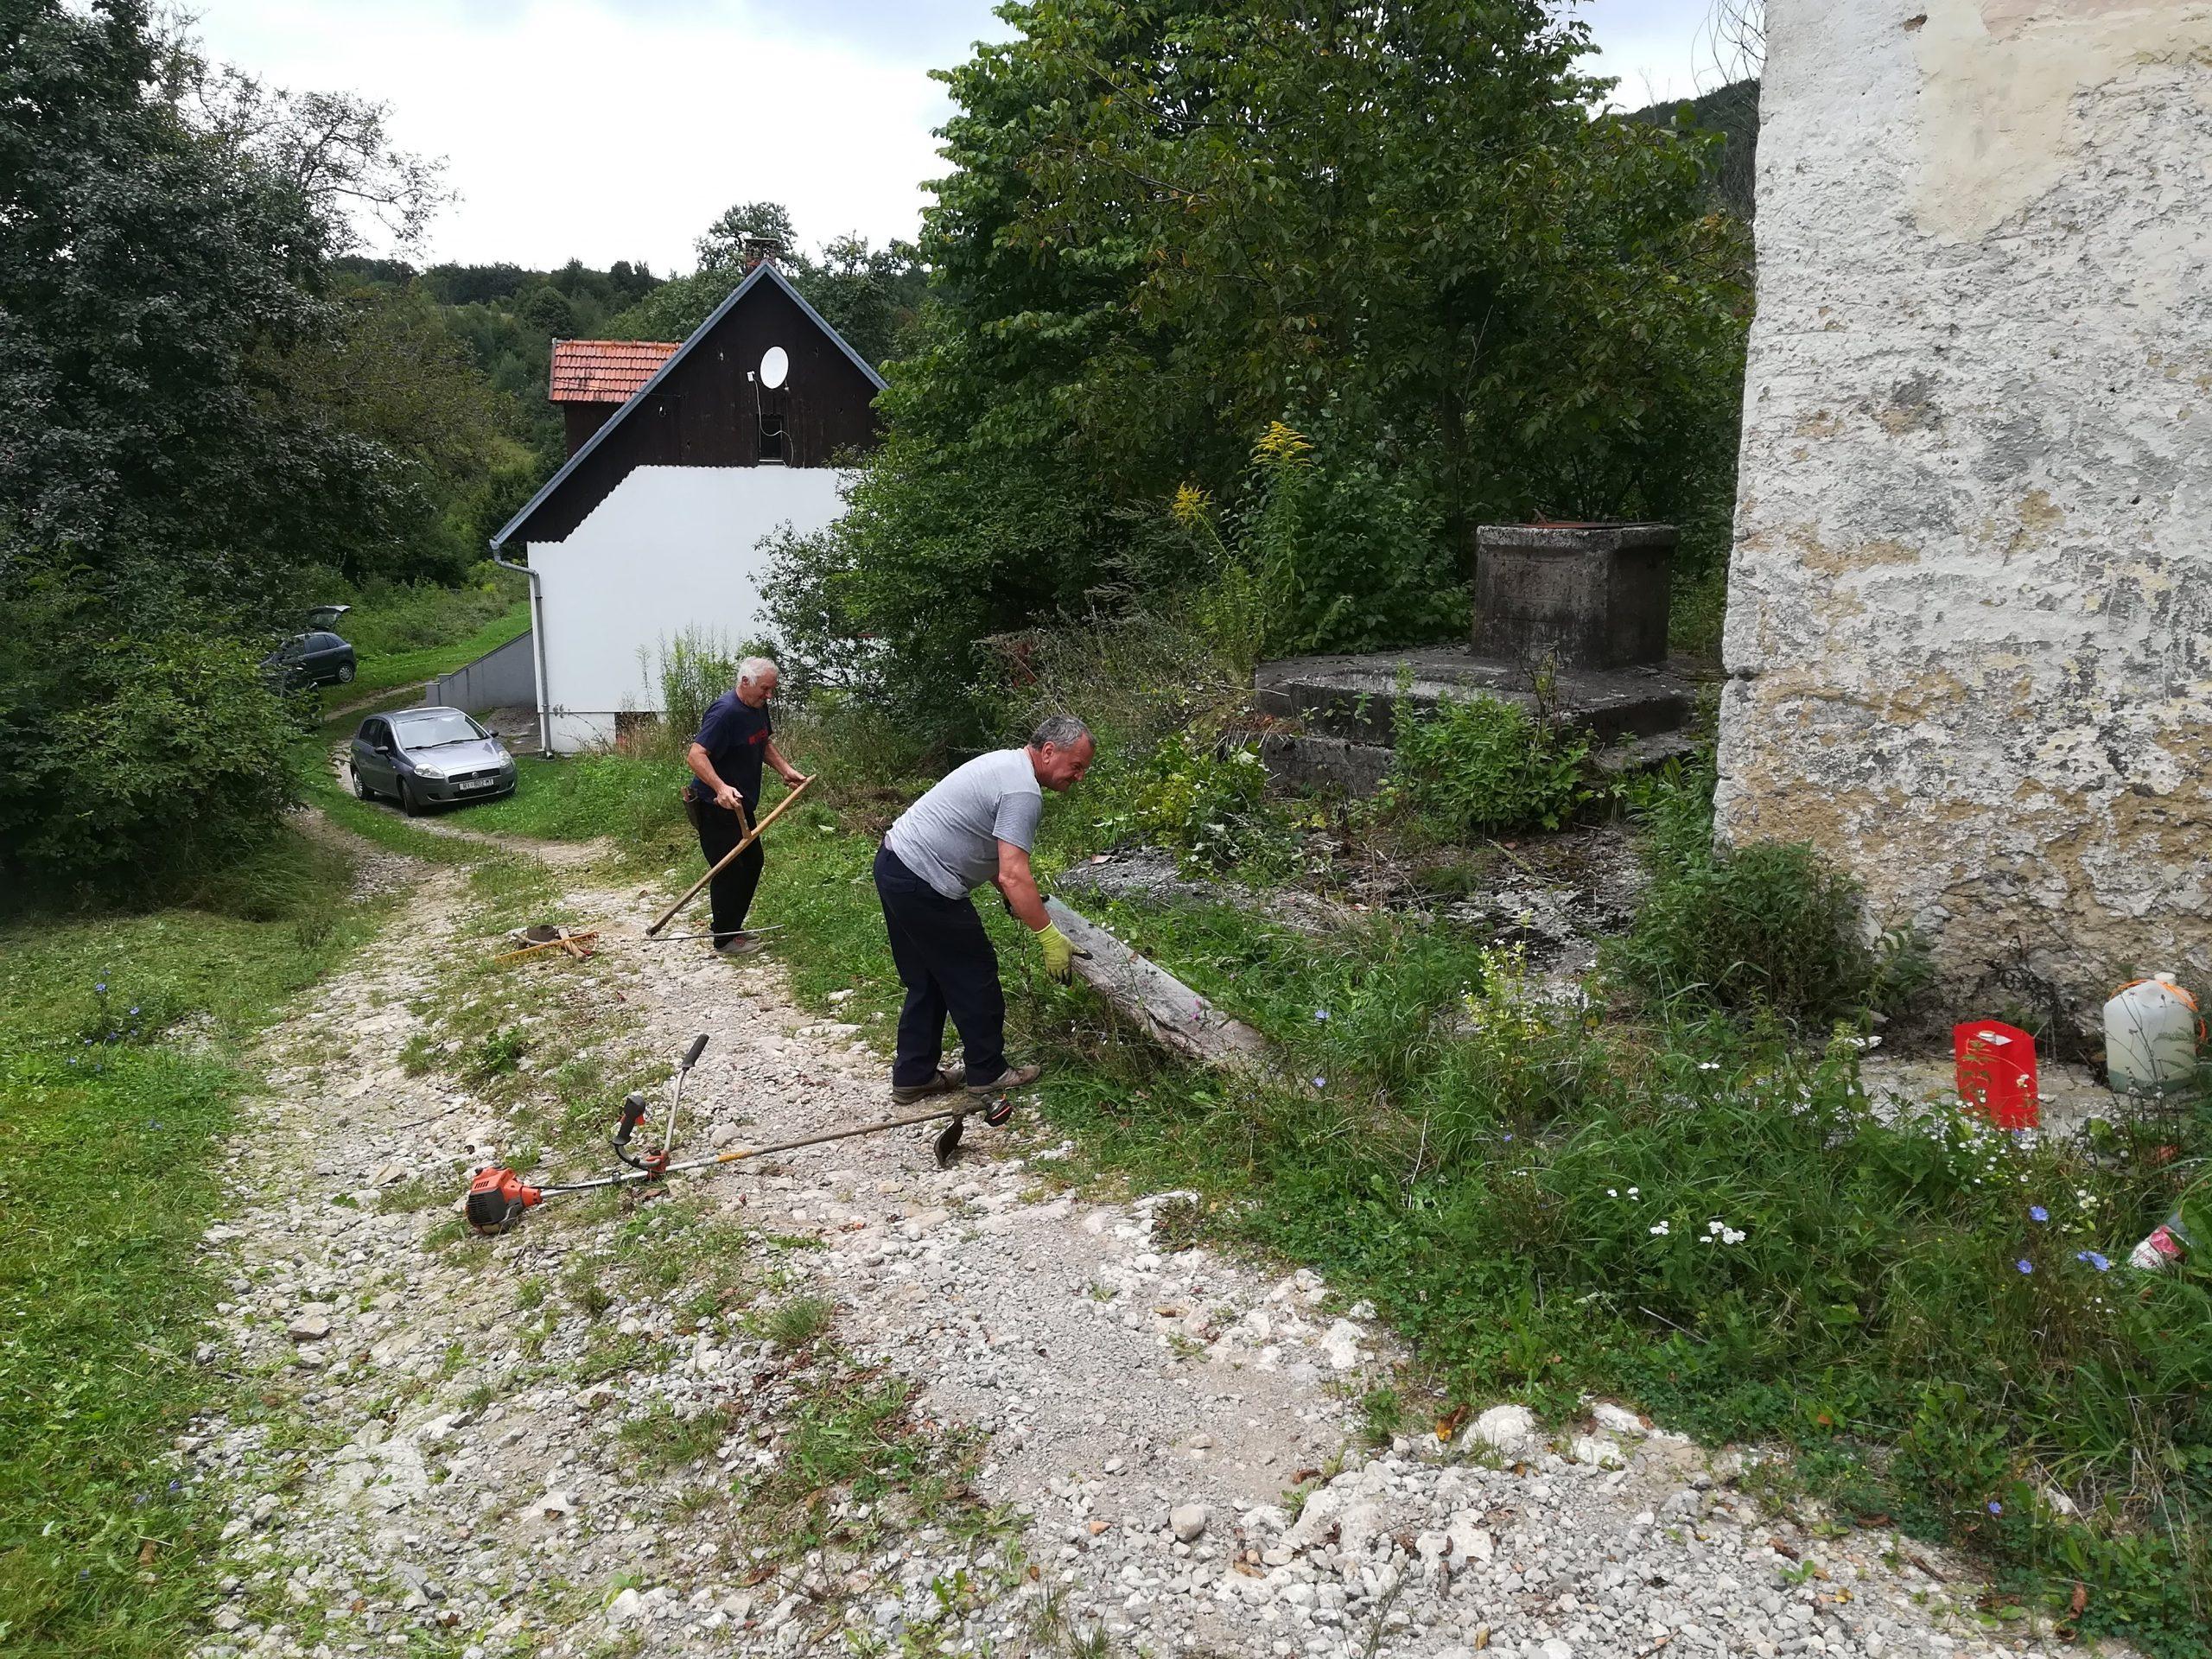 MO Moravice nastavlja s akcijama te očekuje pomoć Grada i PGŽ-a / Foto MO MORAVICE